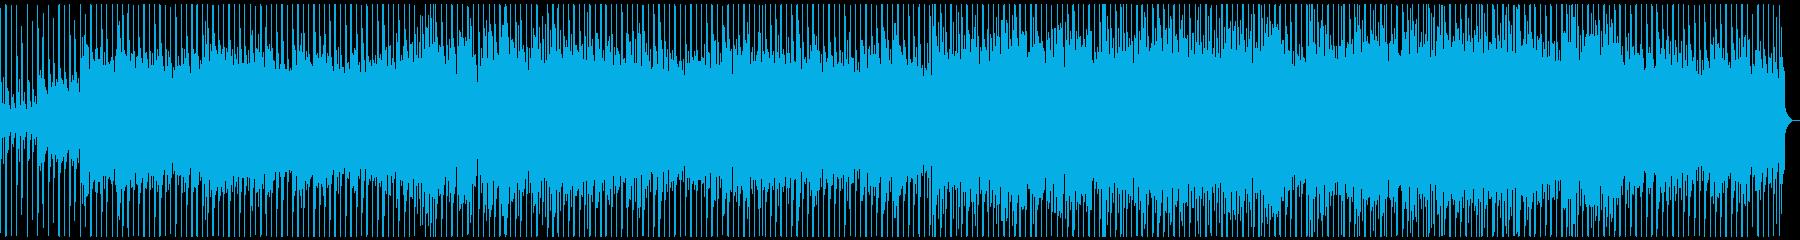 ポップ、きらきら、オープニング向けの再生済みの波形